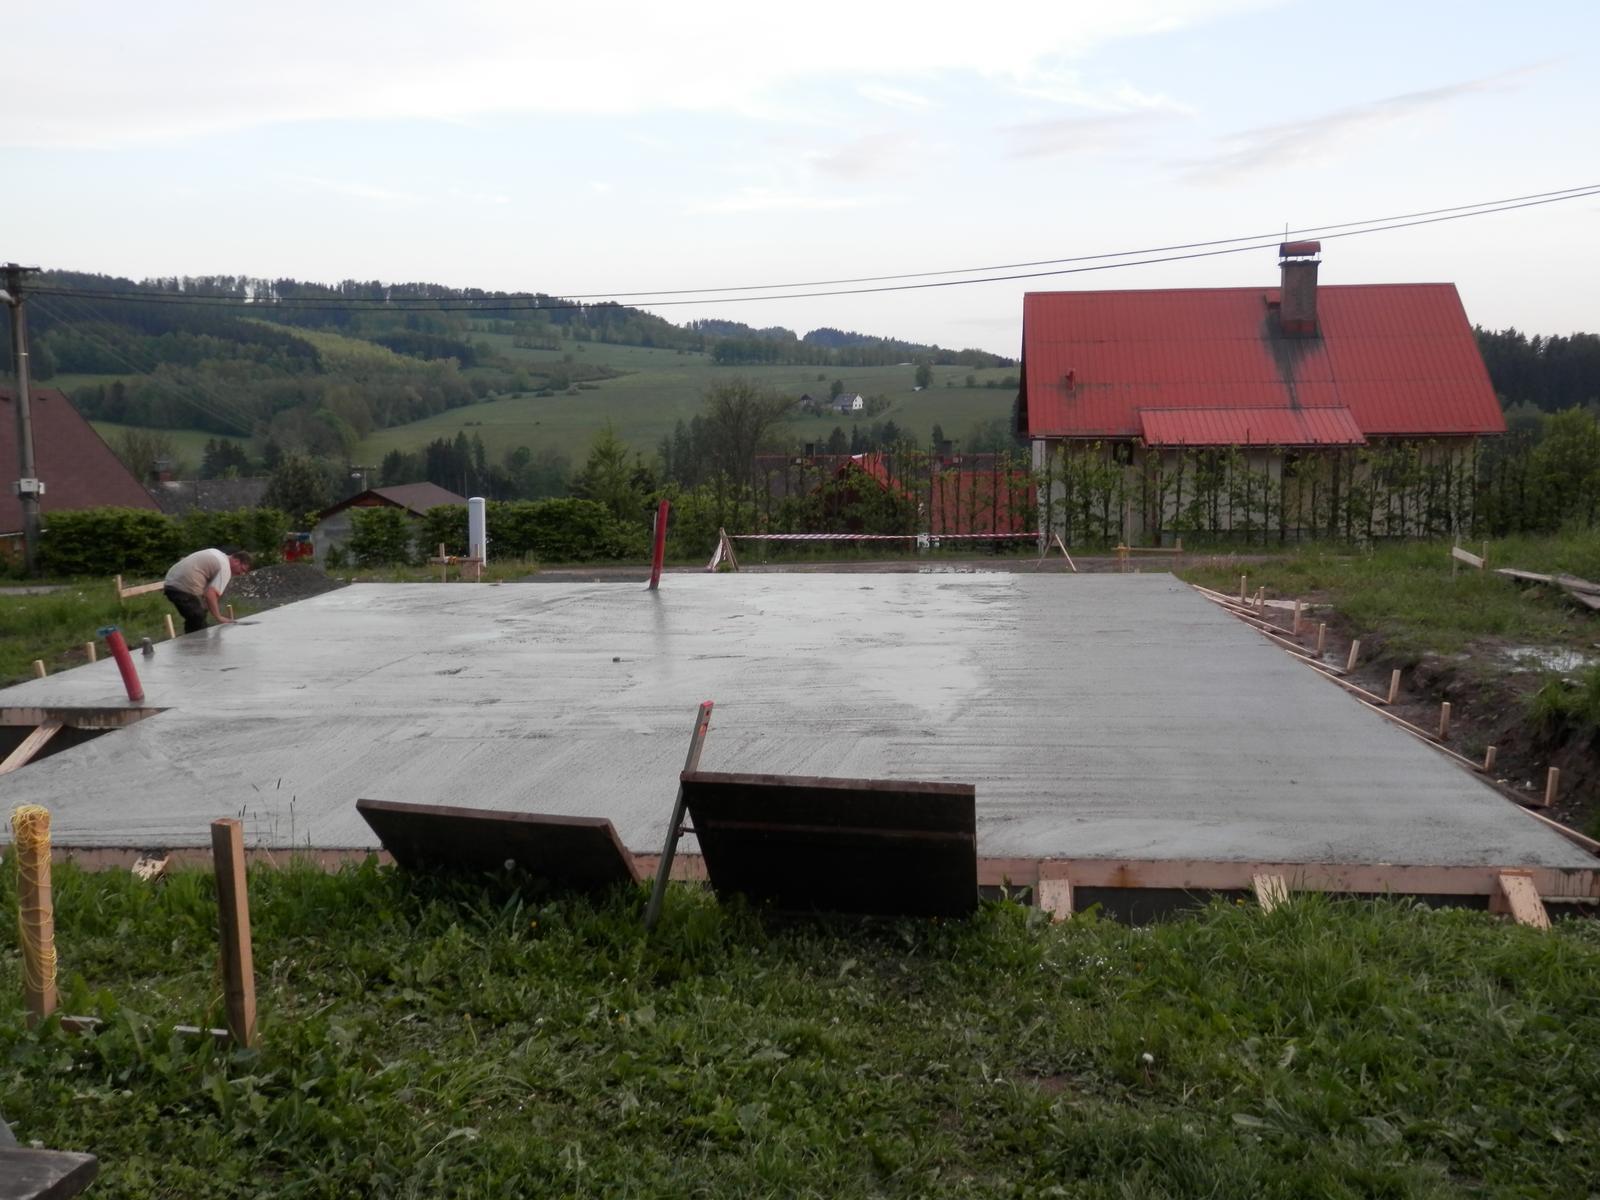 Březen 2014 - konečně začínáme... - 19.5.2014 konečně hotovo!!! A jsme z tý země venku!!!!! 21 kubíků betonu...